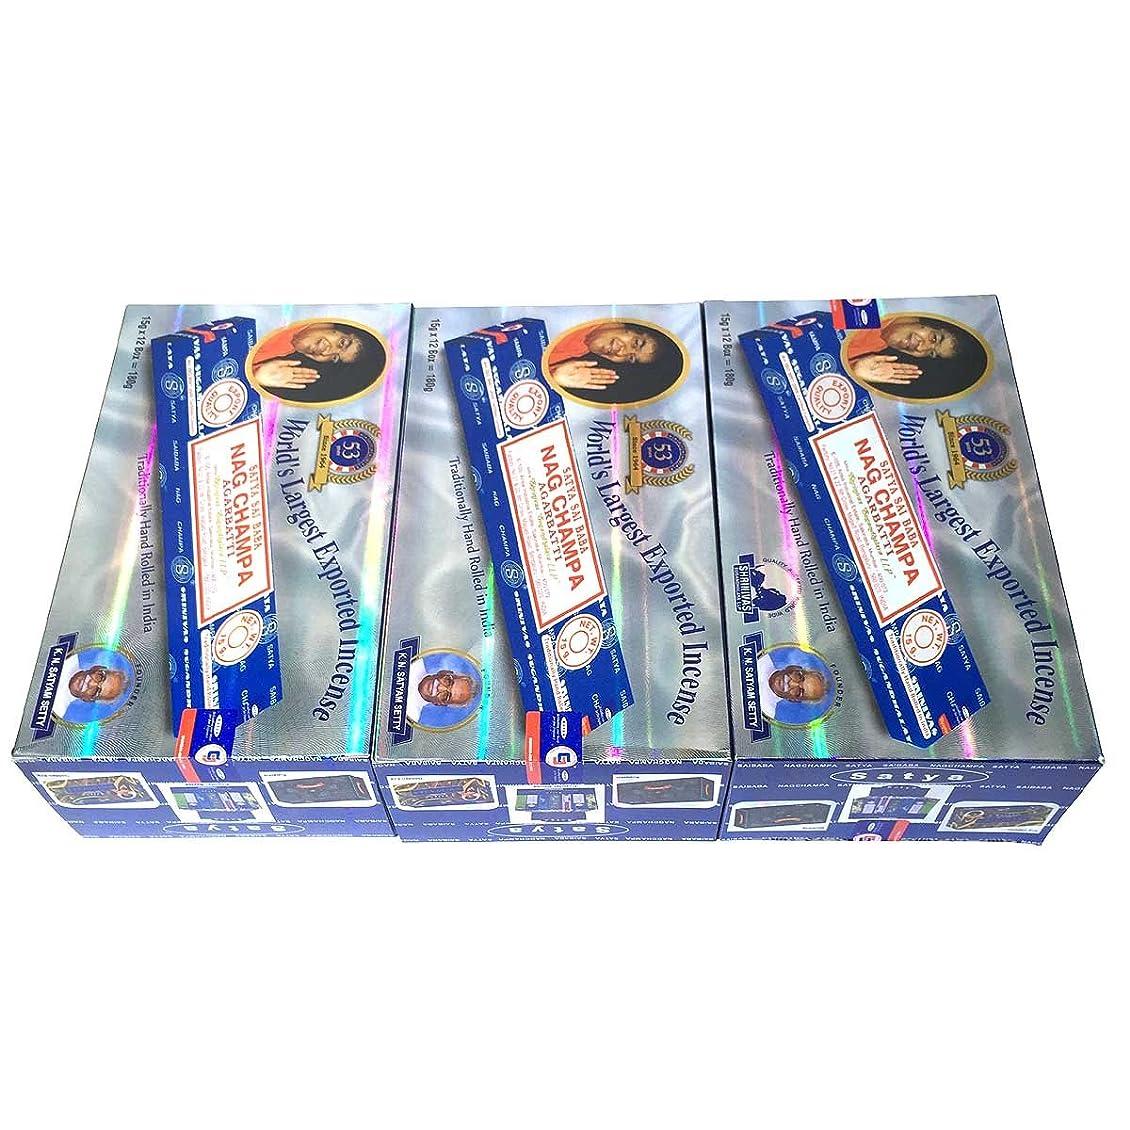 シャット十分な肌寒いサイババ ナグチャンパ香 スティック 3BOX(36箱) 送料無料 /SATYA SAI BABA NAG CHAMPA /インセンス/インド香 お香/アジアン雑貨 [並行輸入品]